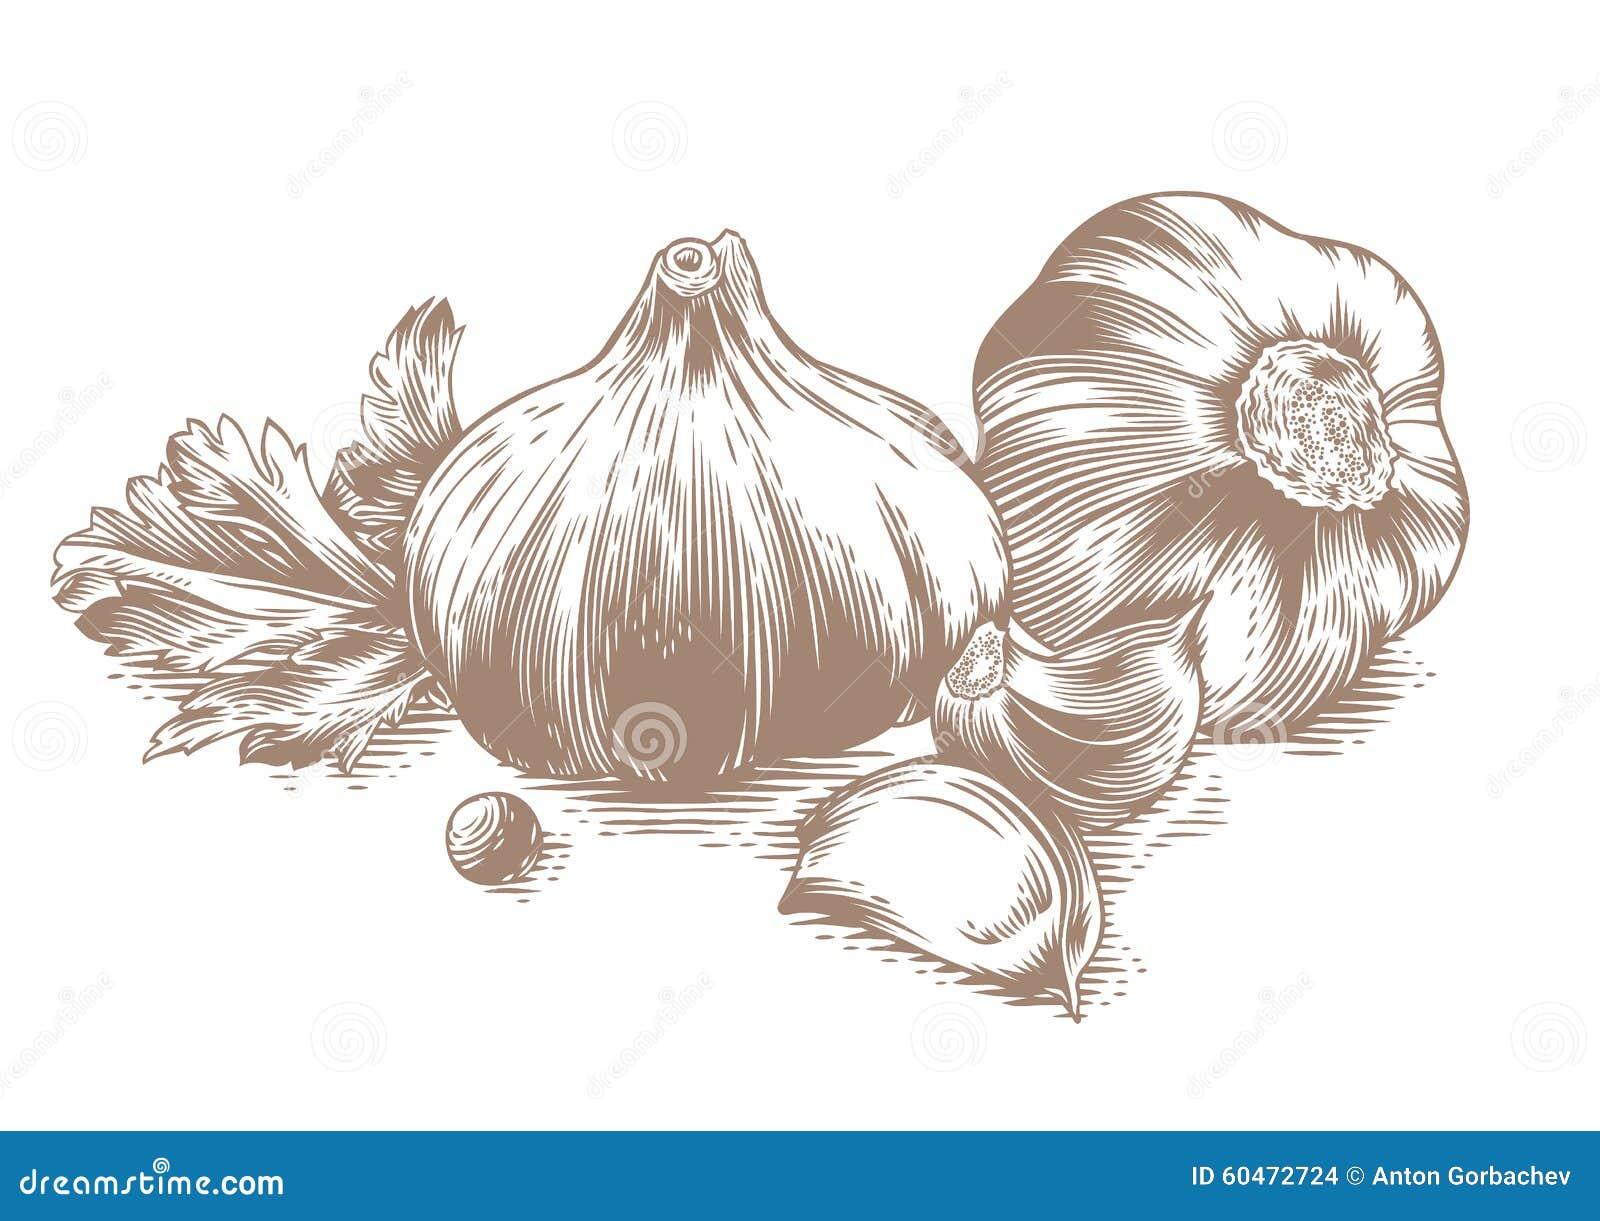 两大蒜头图画用两瓣大蒜.图片